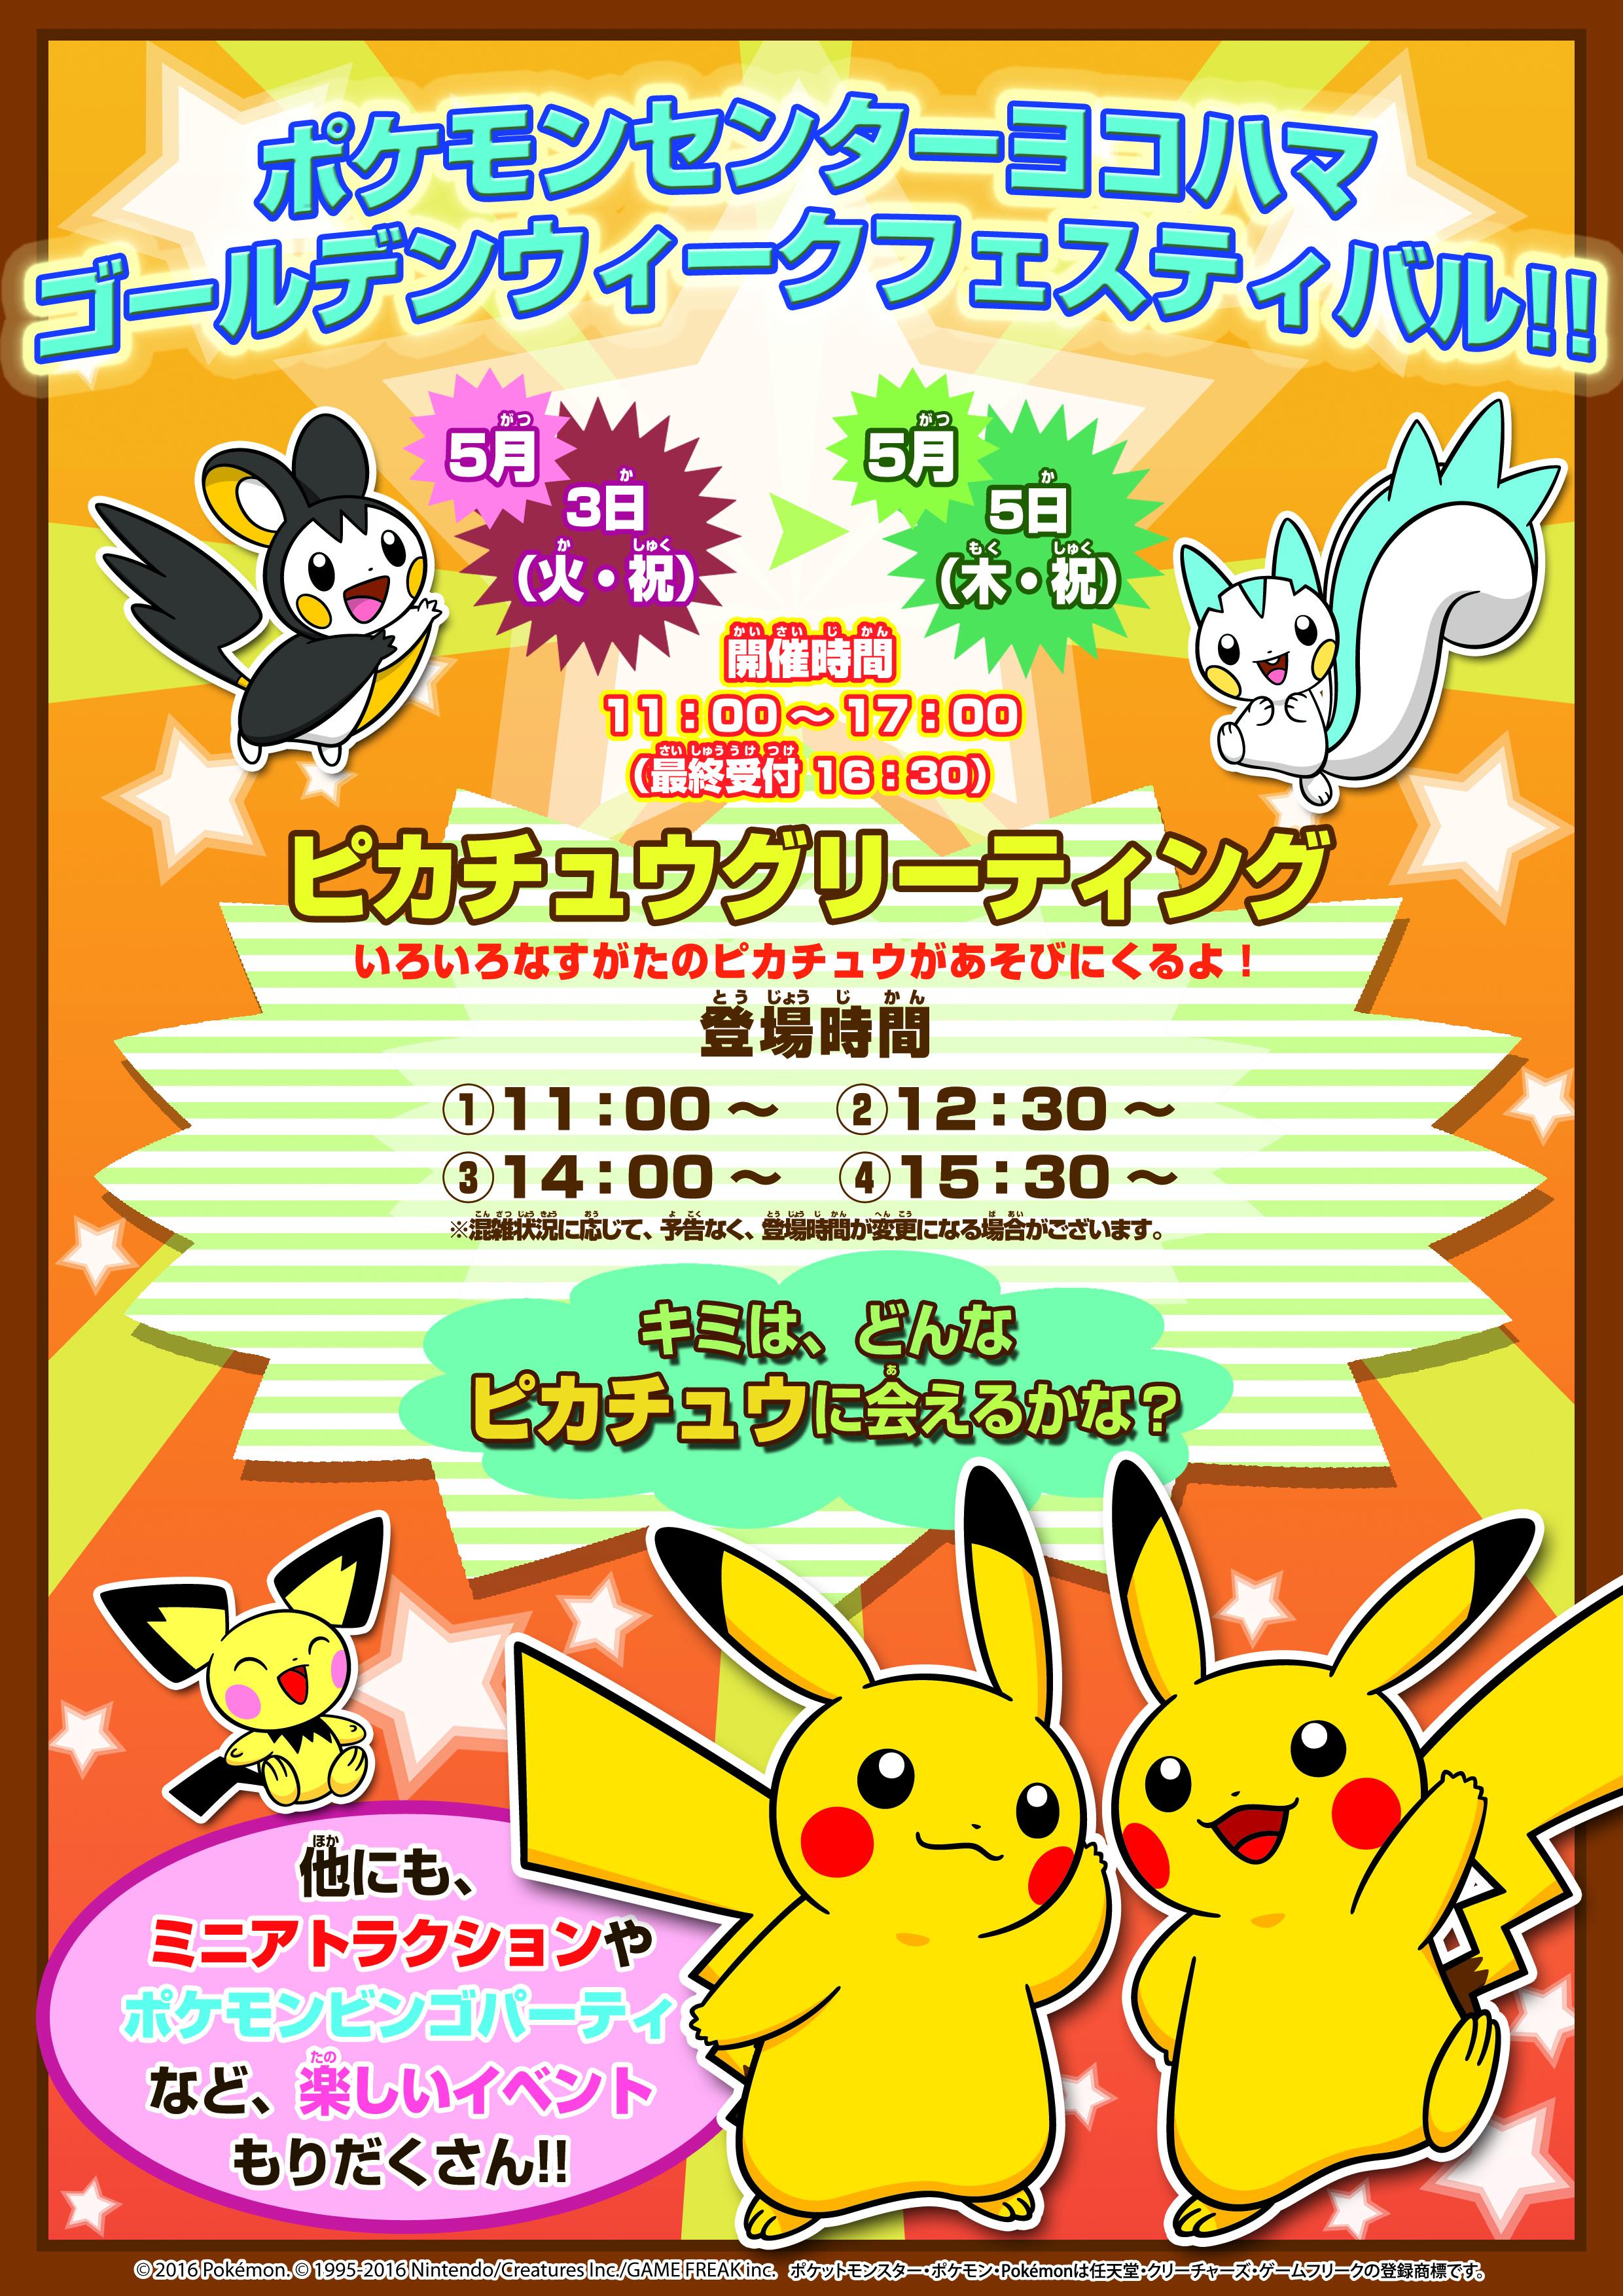 ポケモンセンターヨコハマ】2016年5月開催イベントのお知らせ